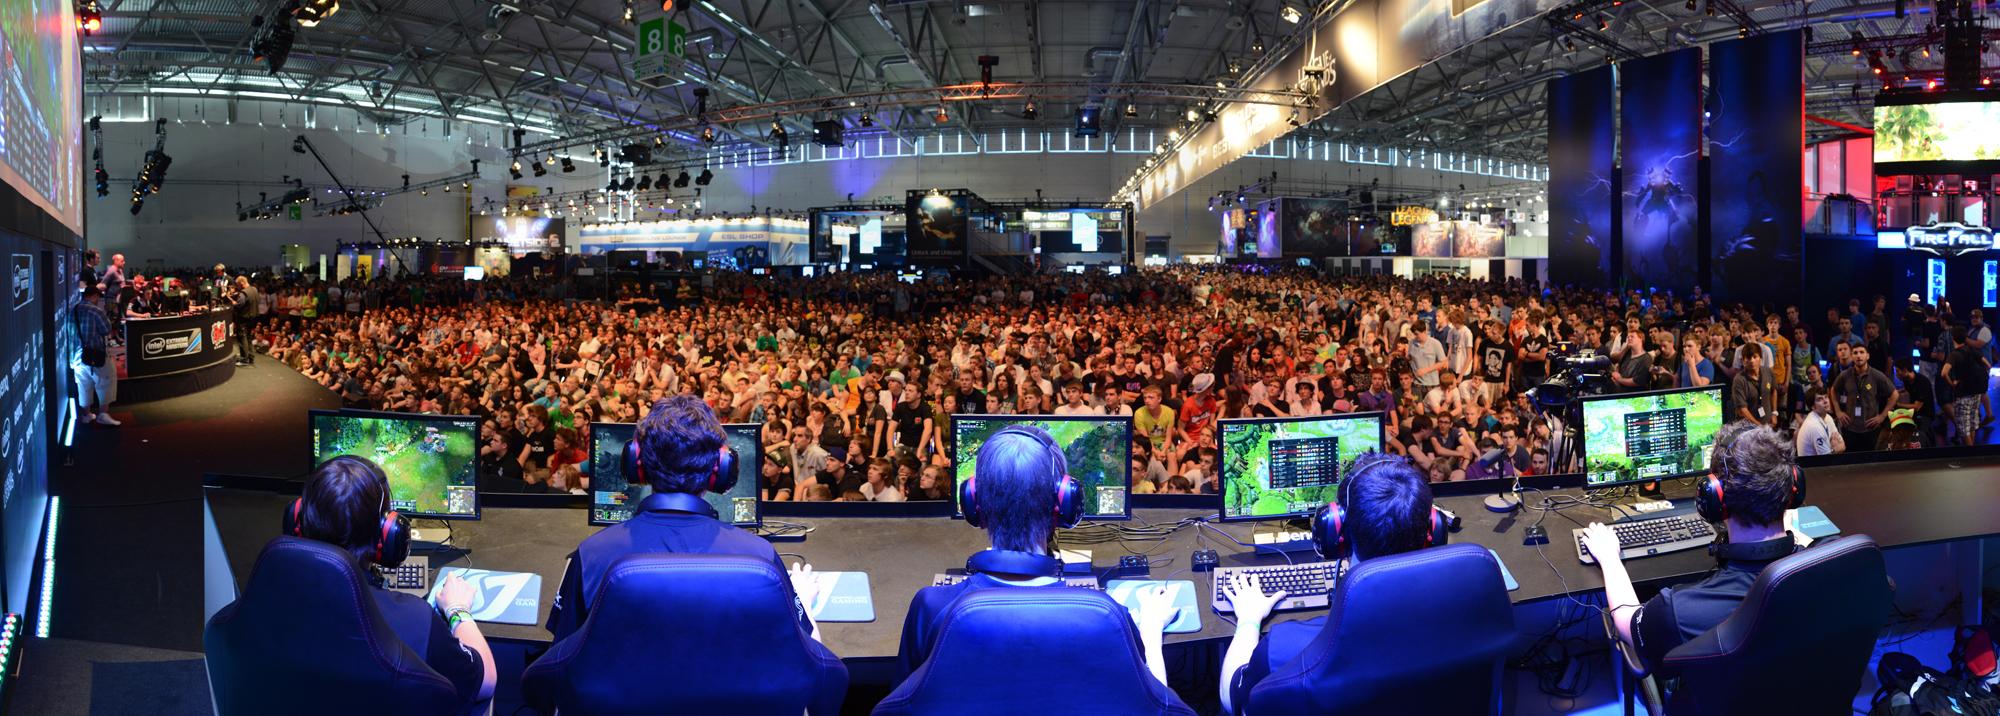 gamescom 2014: Experten sehen F2P und Abomodelle weiter auf dem Vormarsch